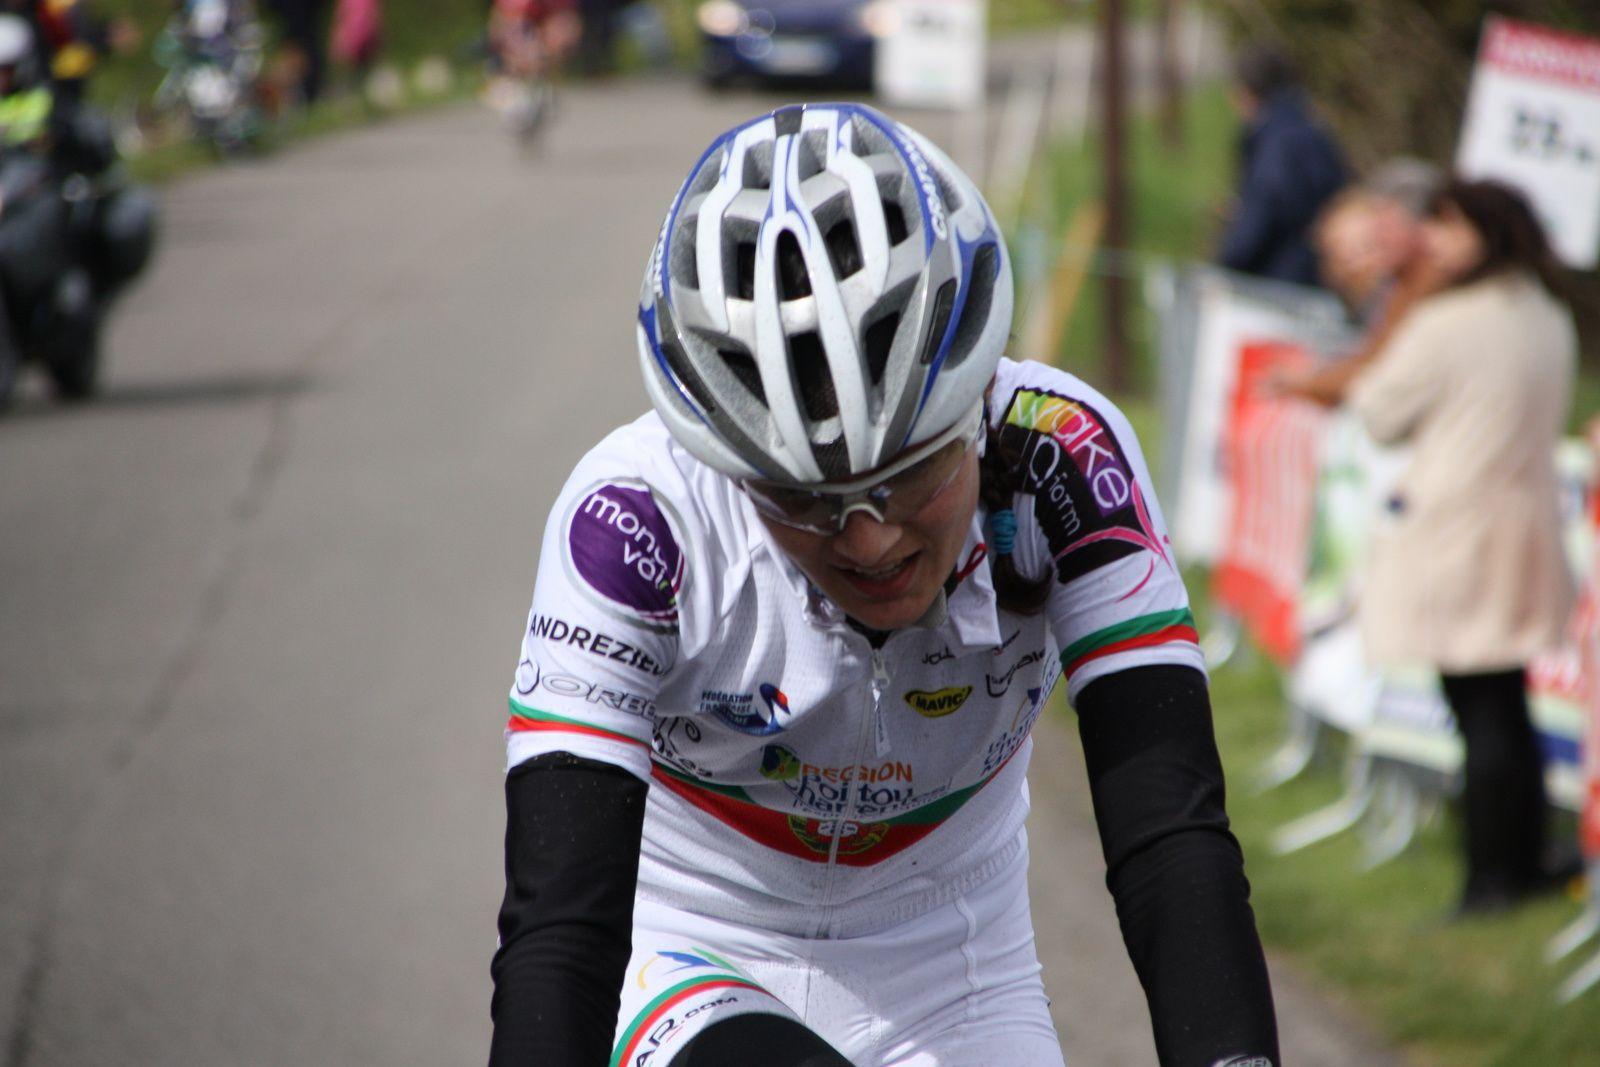 Dans  le  dernier  tour  Daniela  REIS (DN 17 Poitou-Charentes)  est  partie  seule  pour  l'emporter  pour  la  2e  consécutive  au  sommet  du  Mont  Pujol